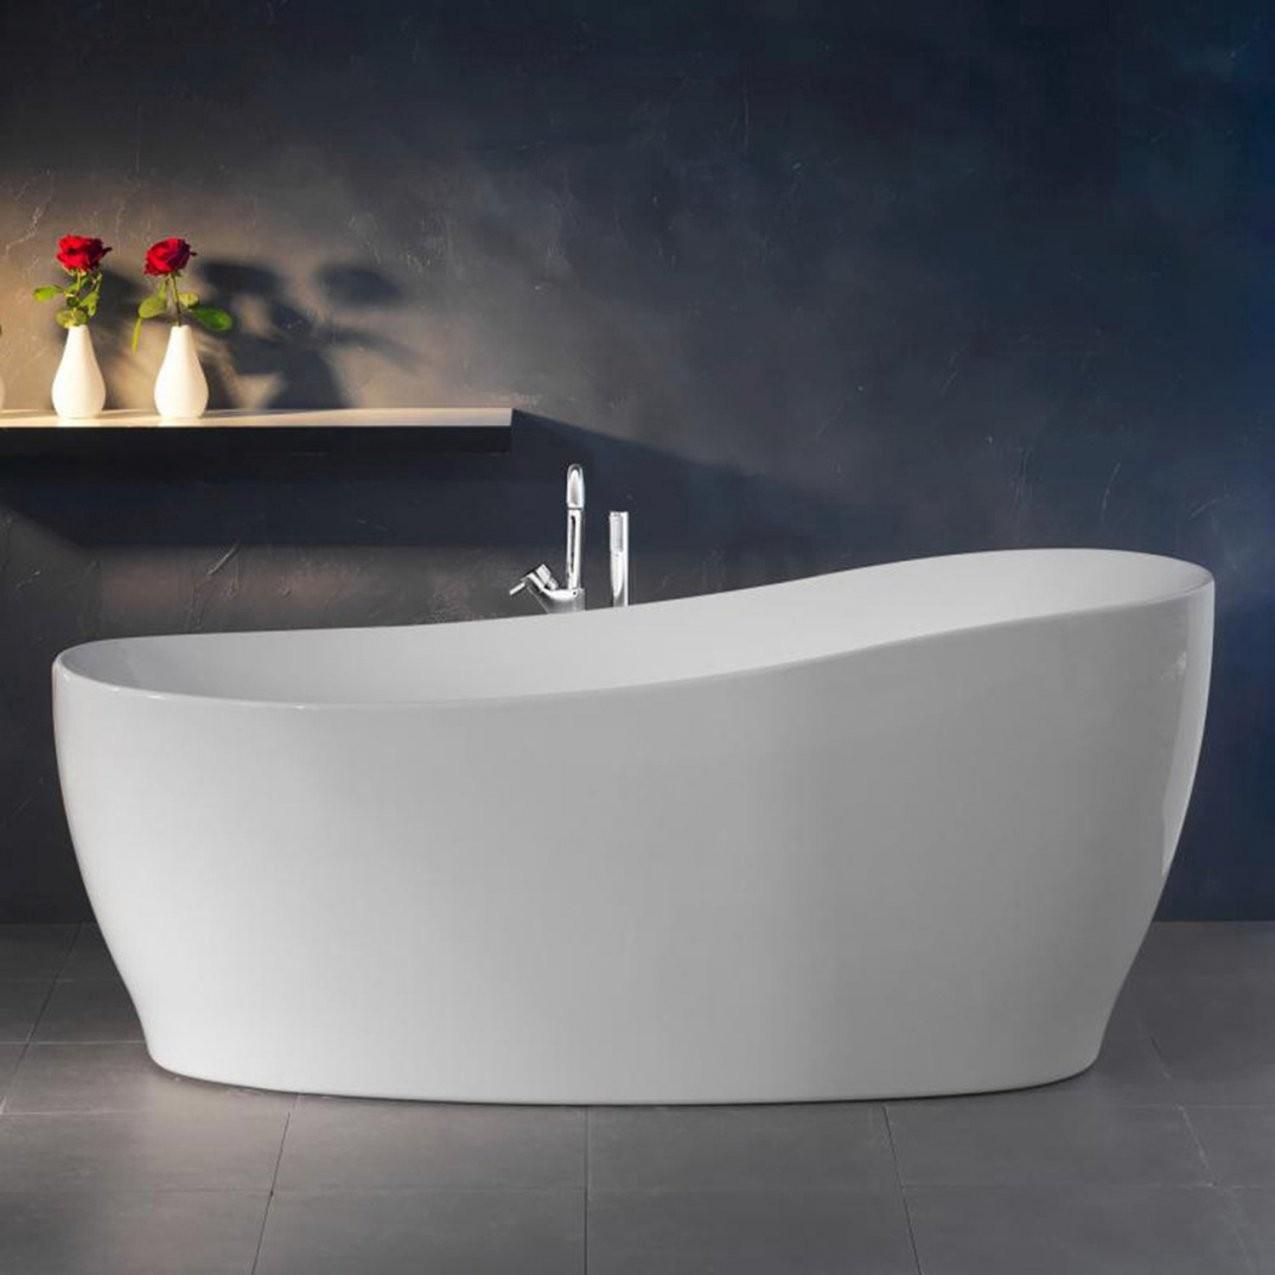 Freistehende Badewanne Aviva 180 Cm X 85 Cm Weiß Kaufen Bei Obi von Ovale Badewanne Freistehend Photo